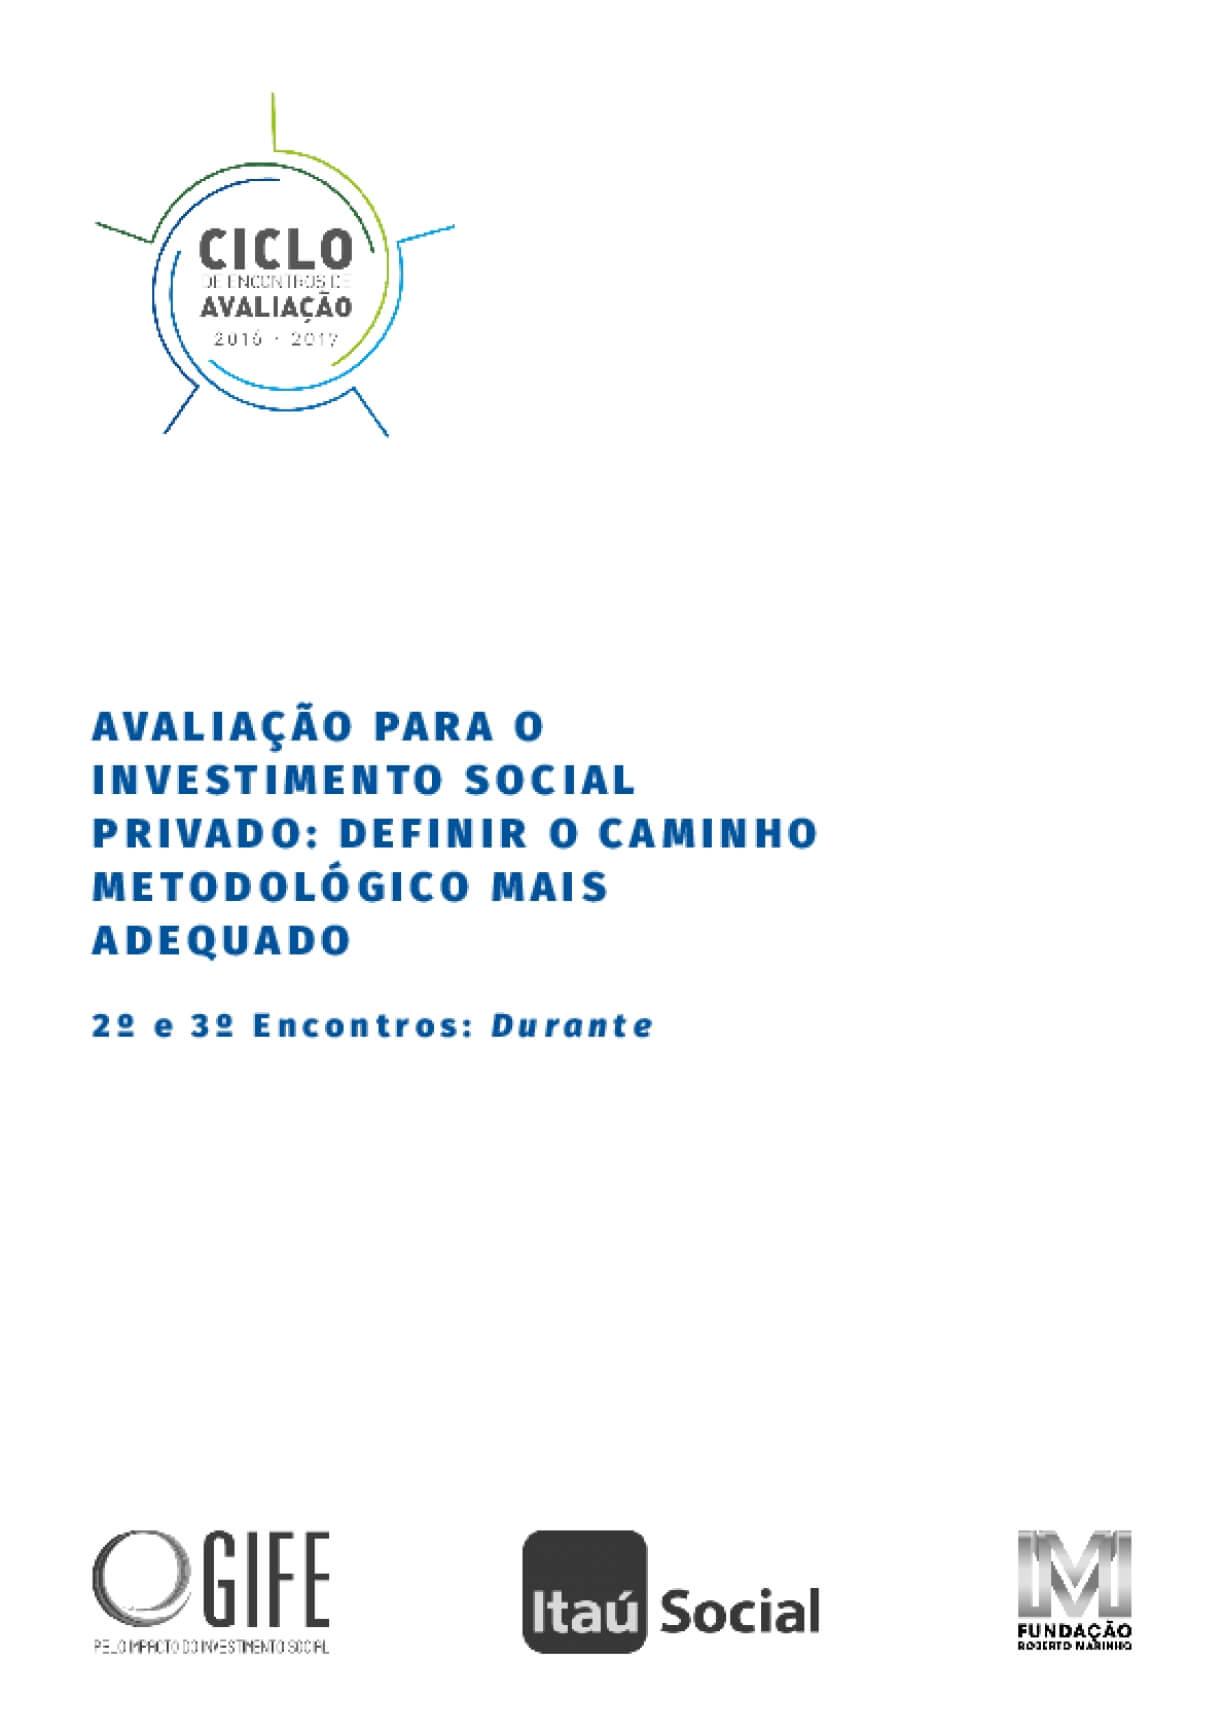 Avaliação para o investimento social privado: definir o caminho metodológico mais adequado